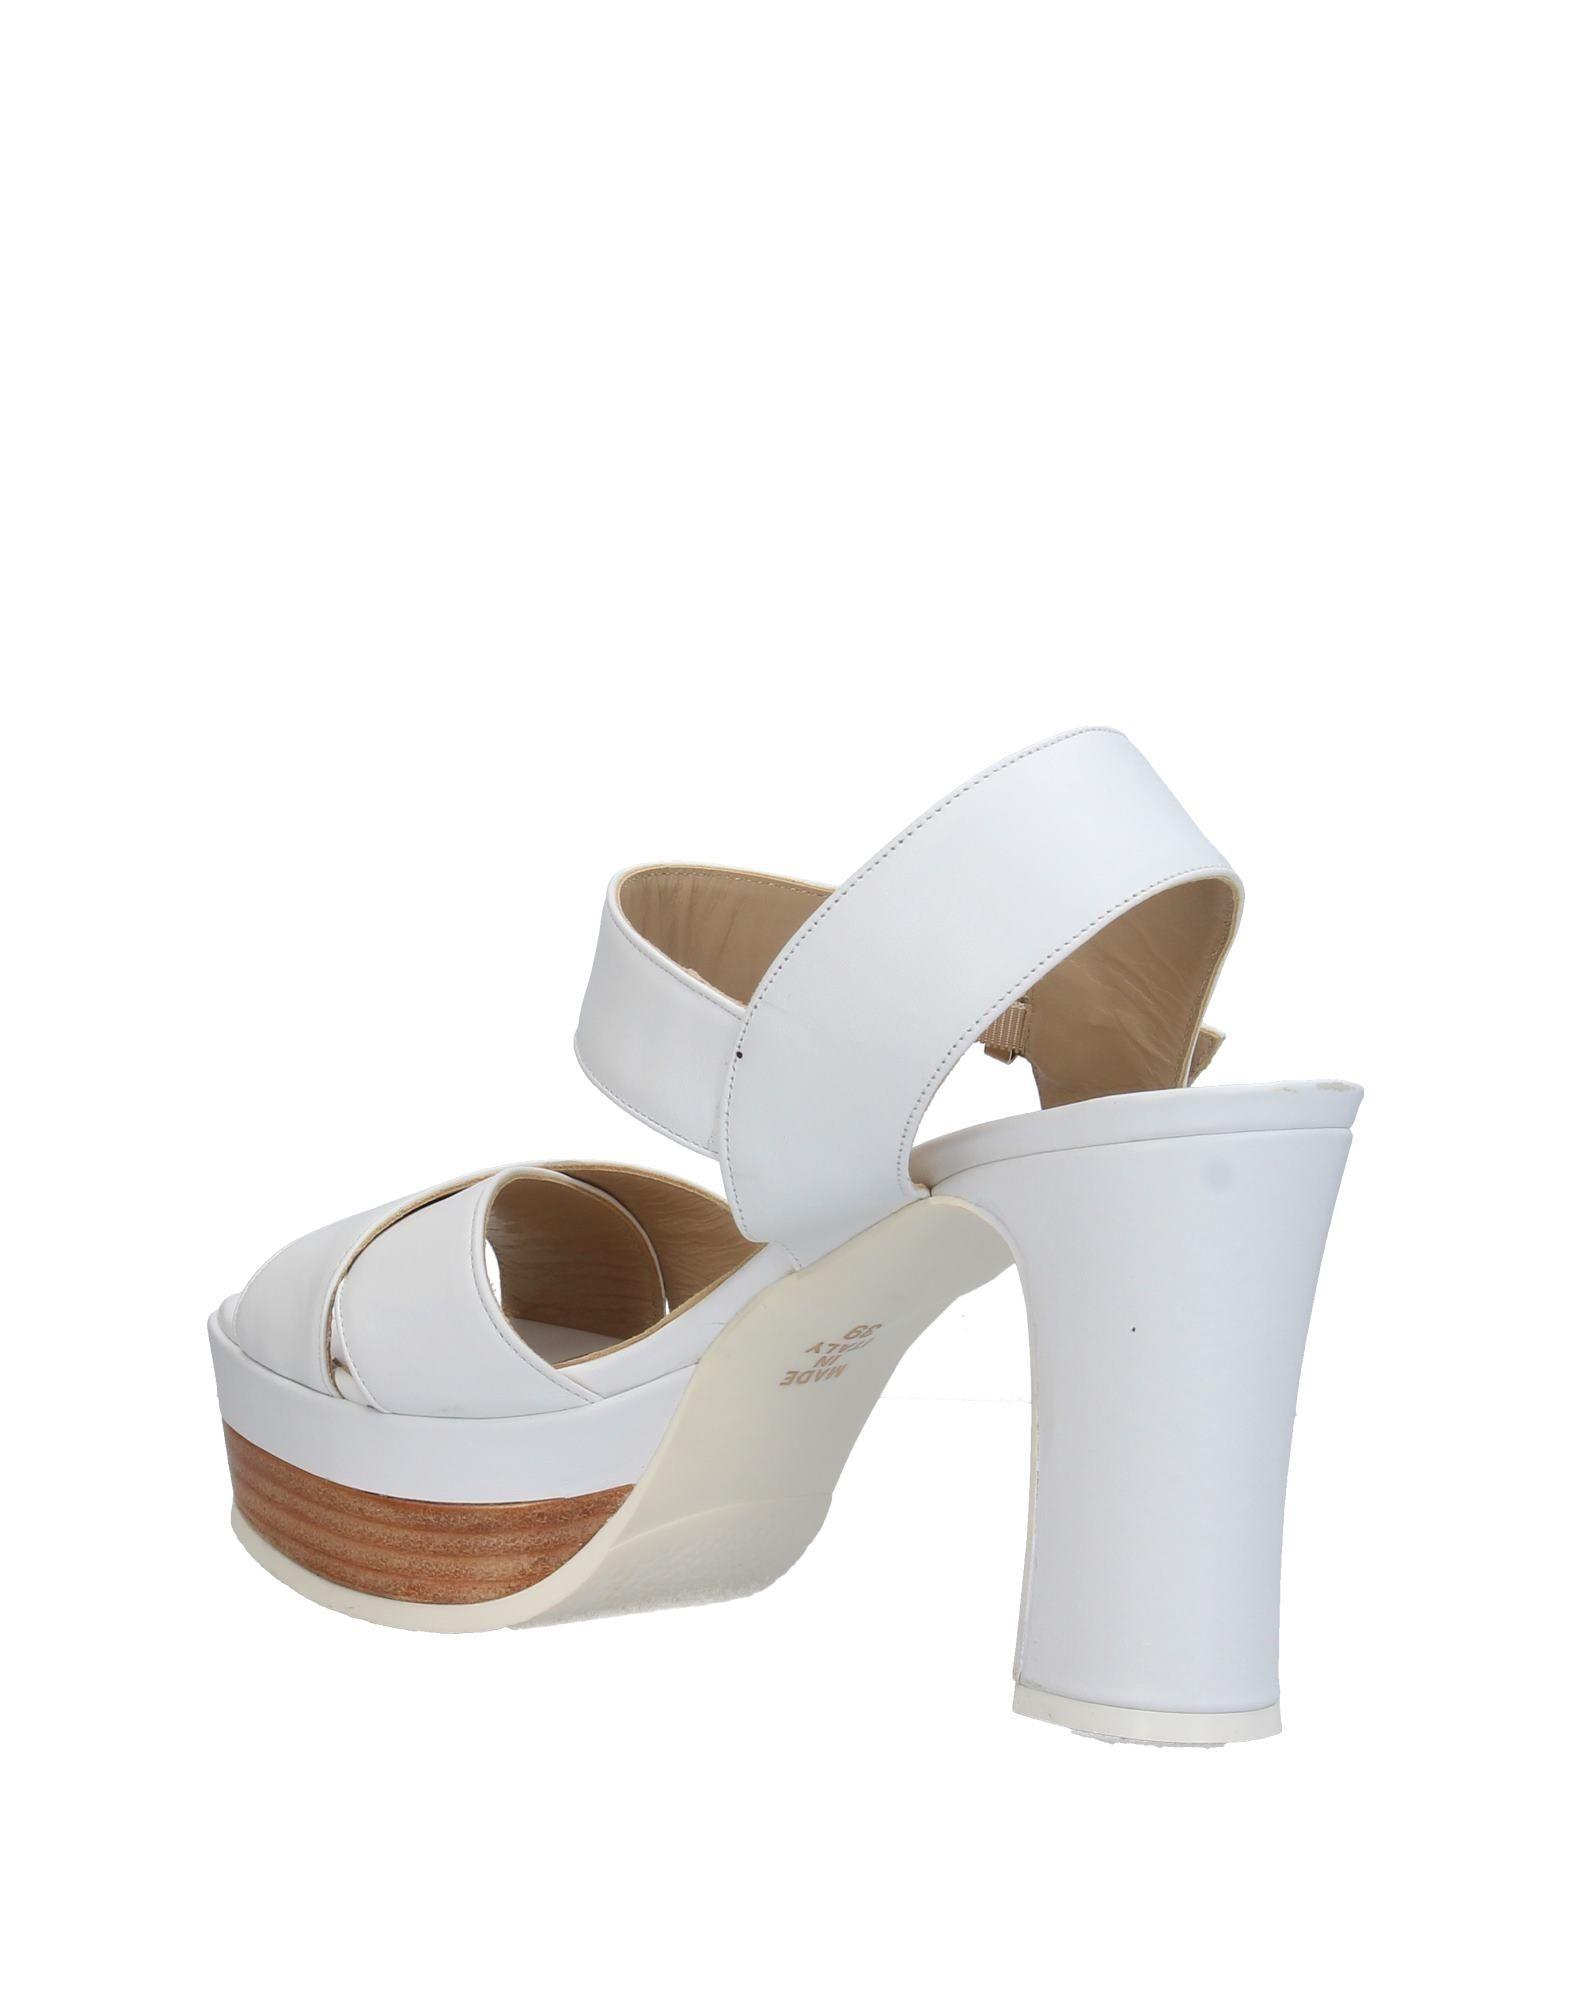 Sandales La Blanc Femme - Sandales La Blanc sur